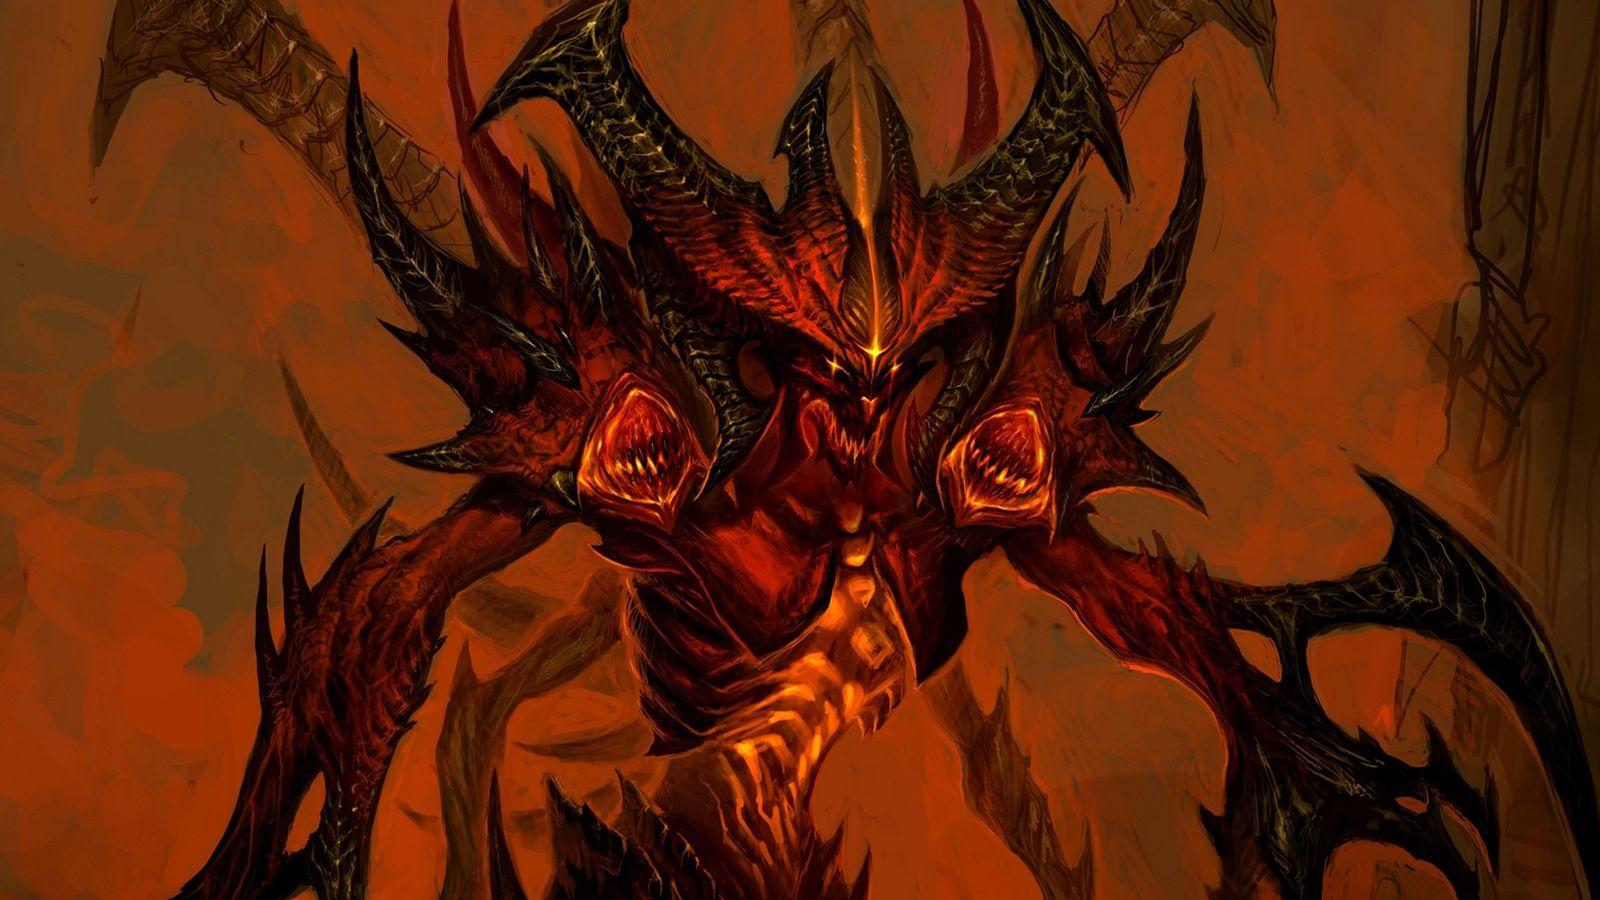 Diablo Like Games 2020.Games Like Diablo 3 You Must Play Updated 2020